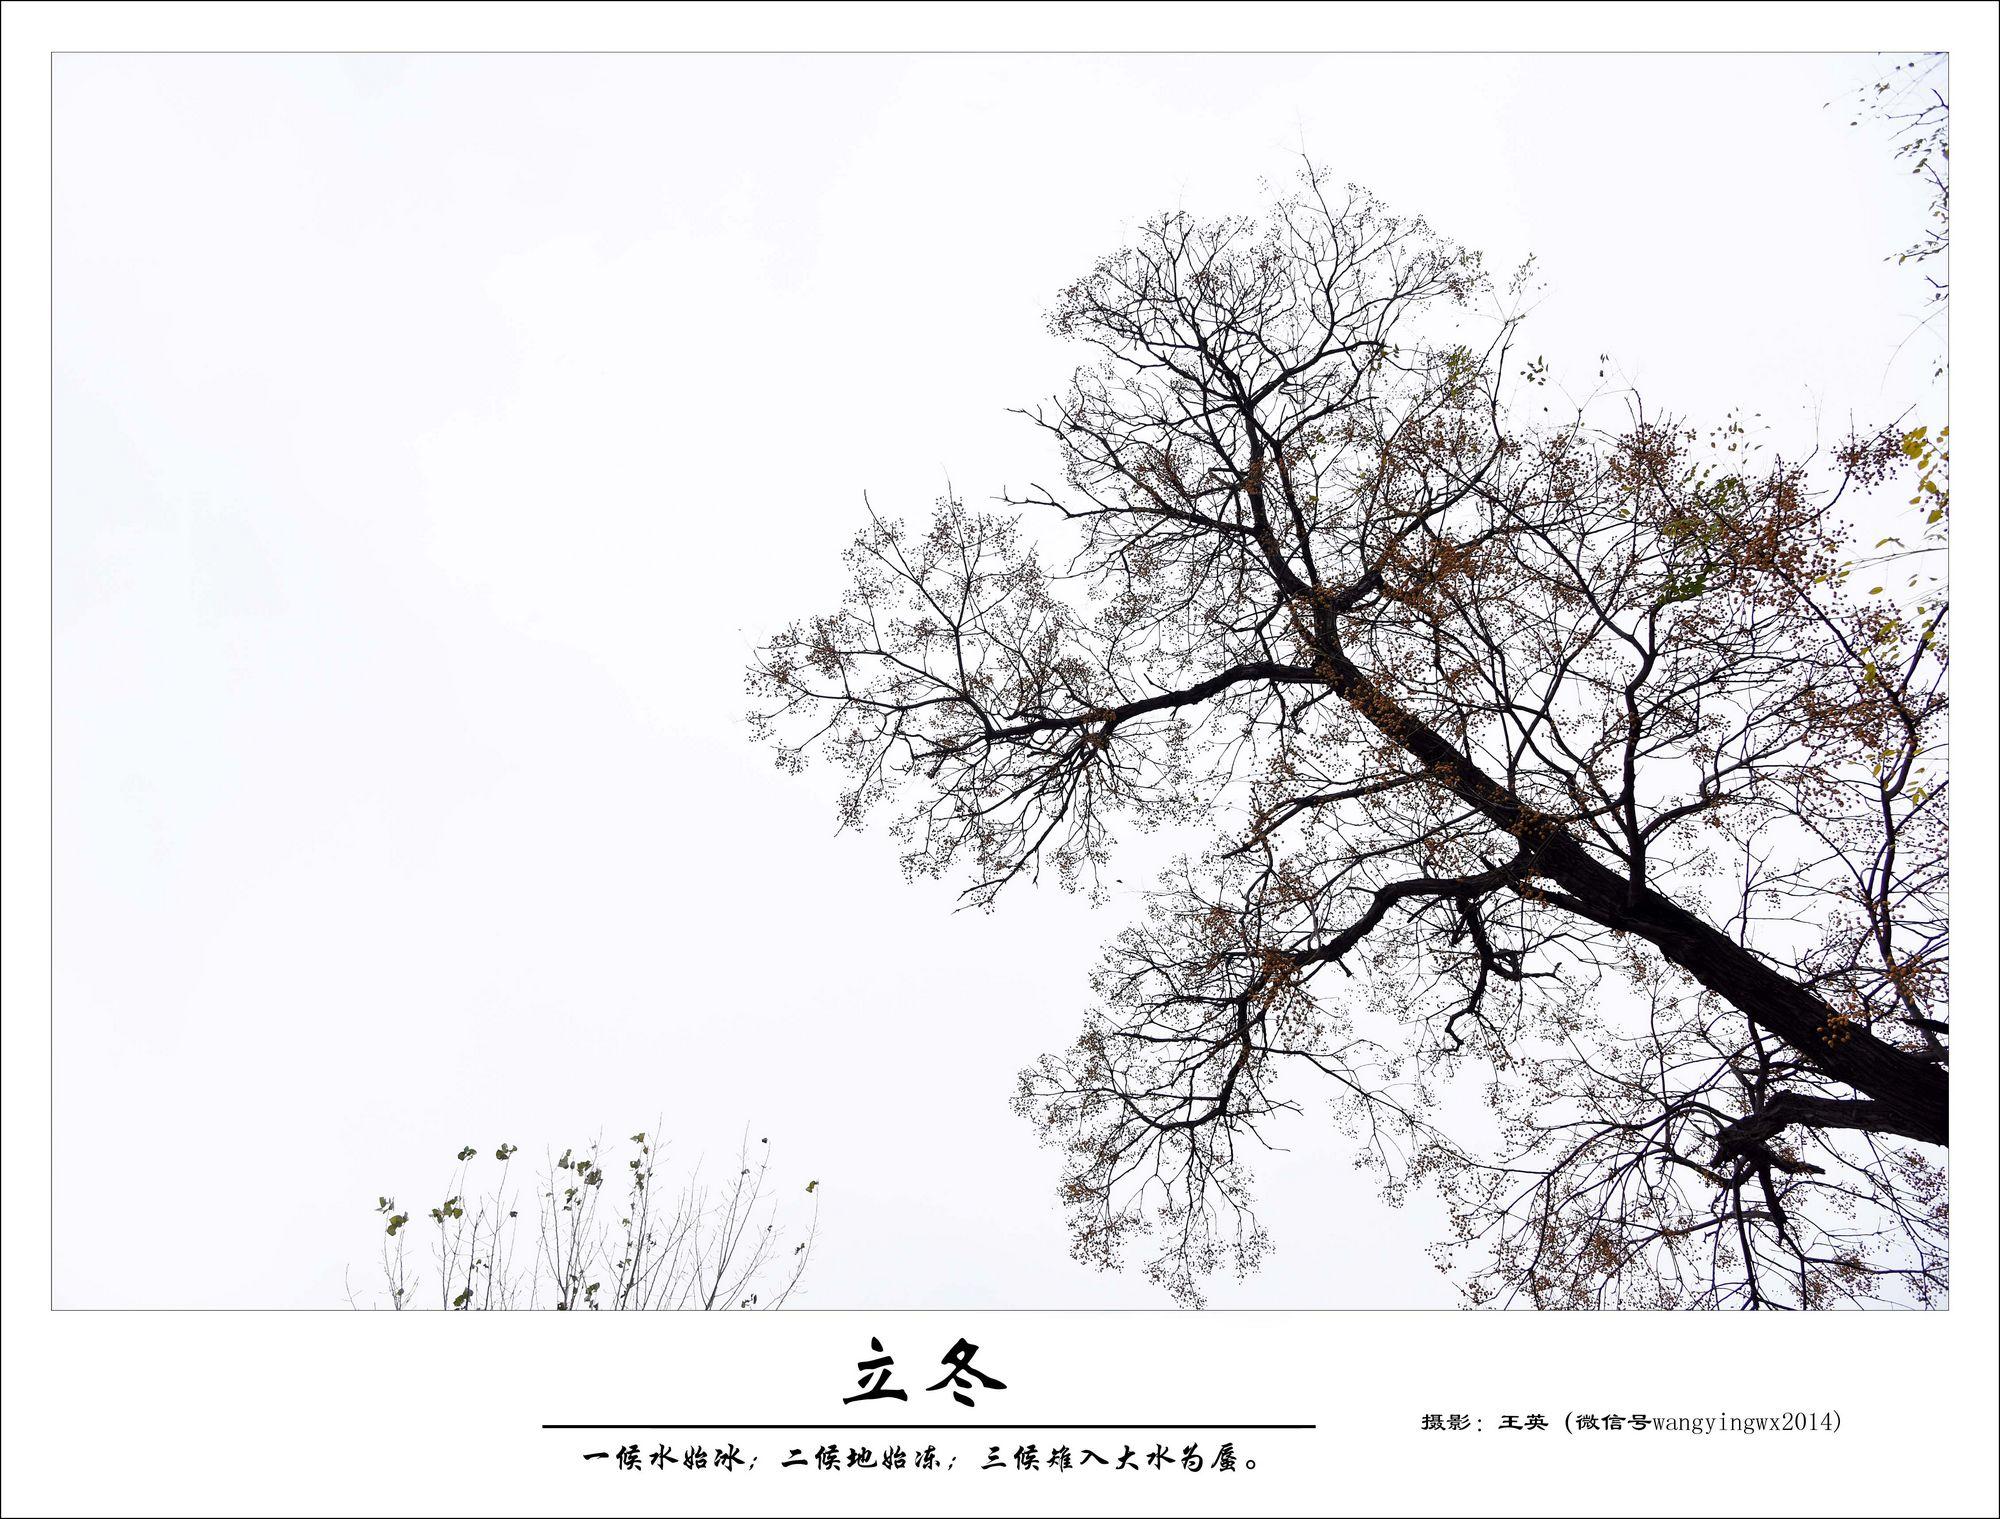 古诗-描写冬至的小诗-幼儿元旦主题画-一年级立冬手抄报-冬至的经典图